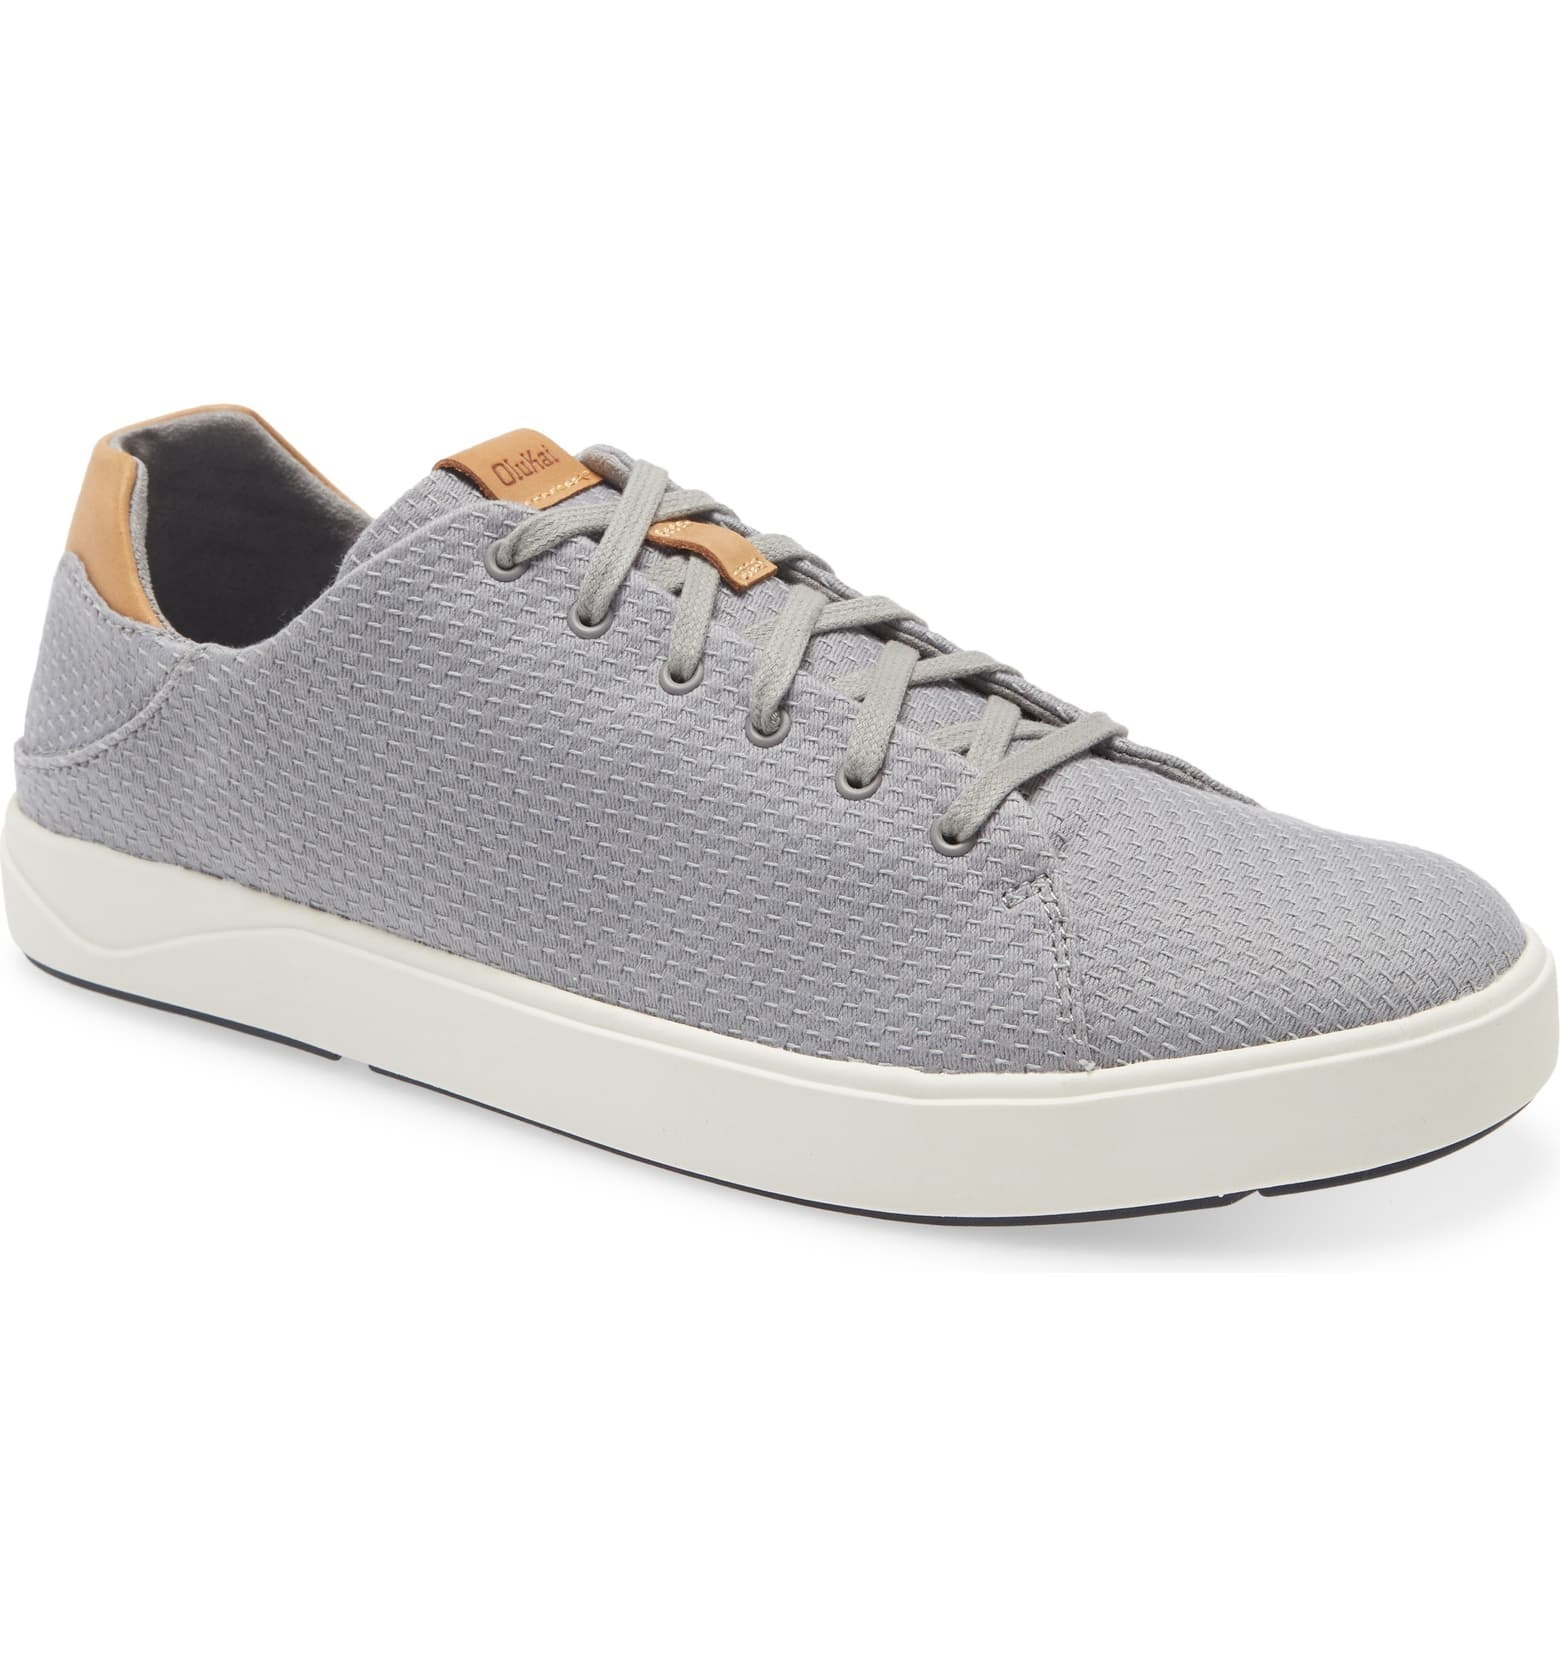 Olukai Lae'Ahi Li low top mesh sneakers in grey